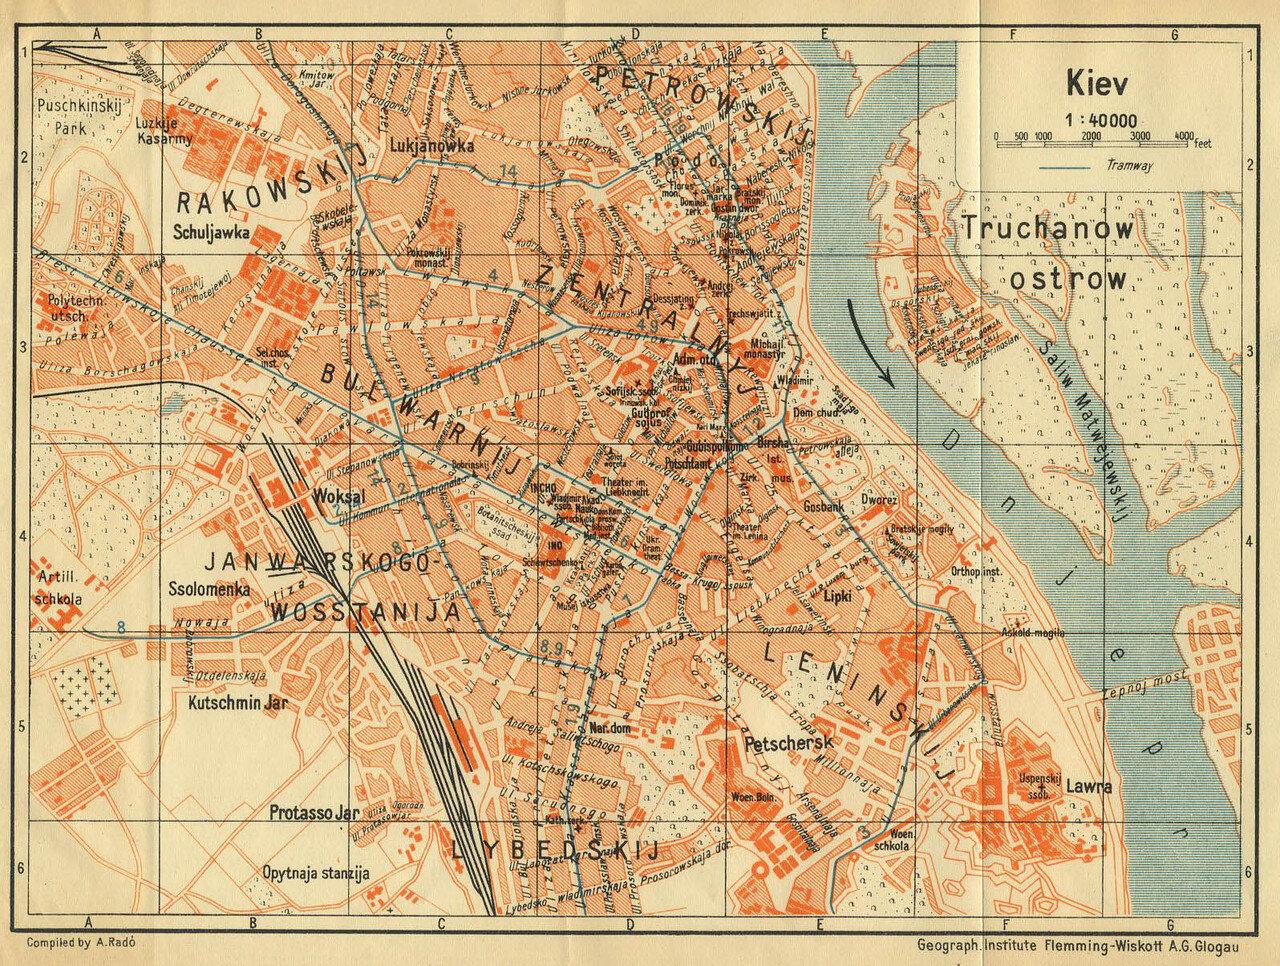 1928. План Киева